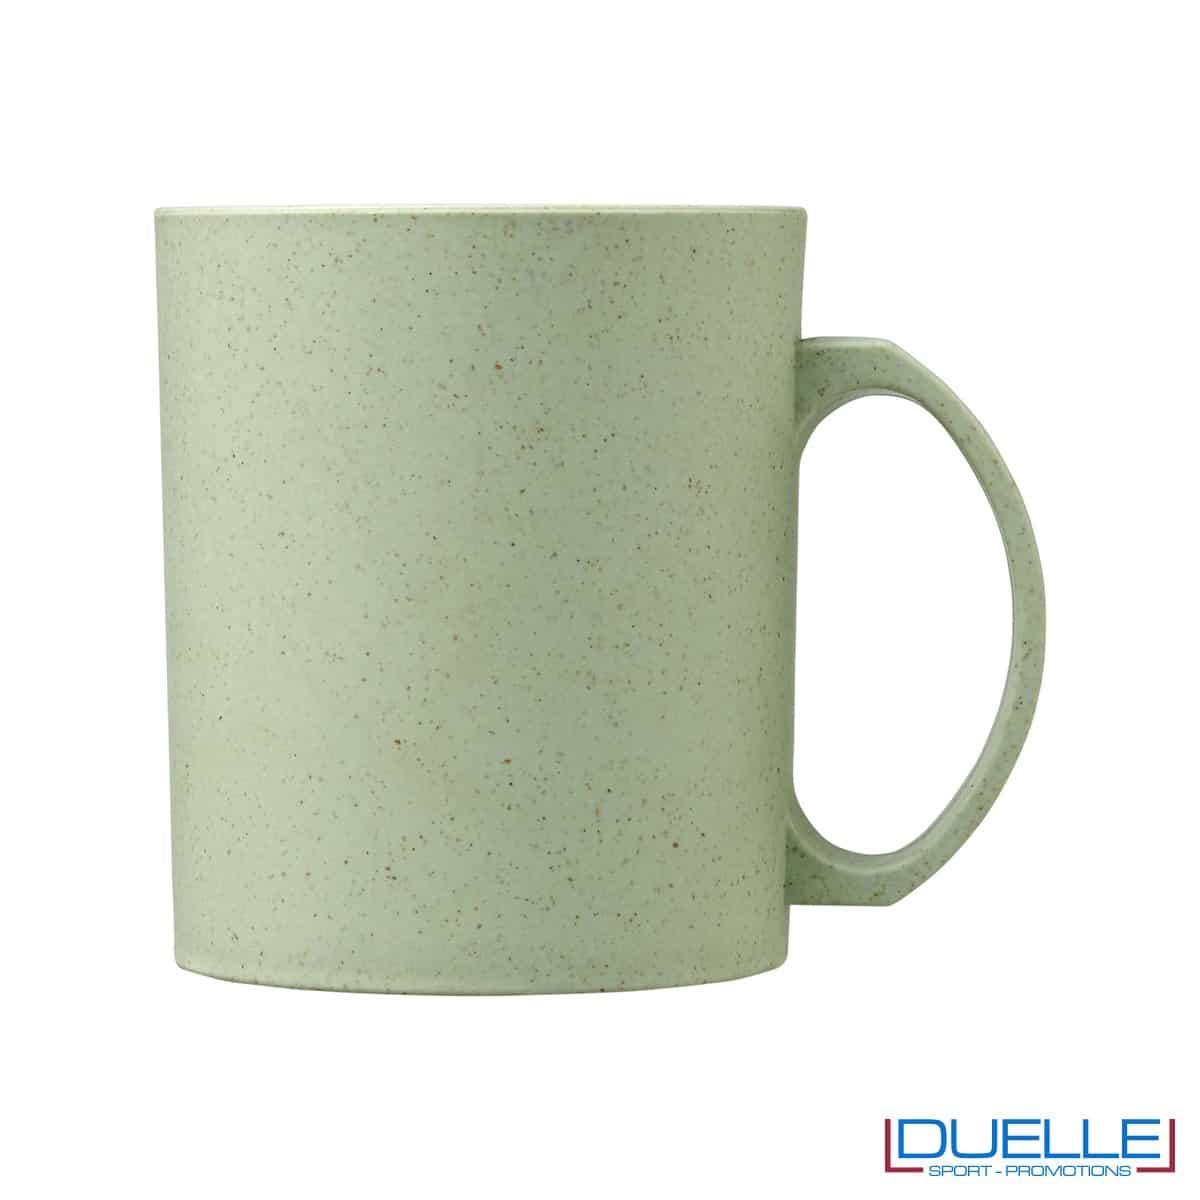 Mug in fibra di paglia di grano colore verde personalizzata con stampa